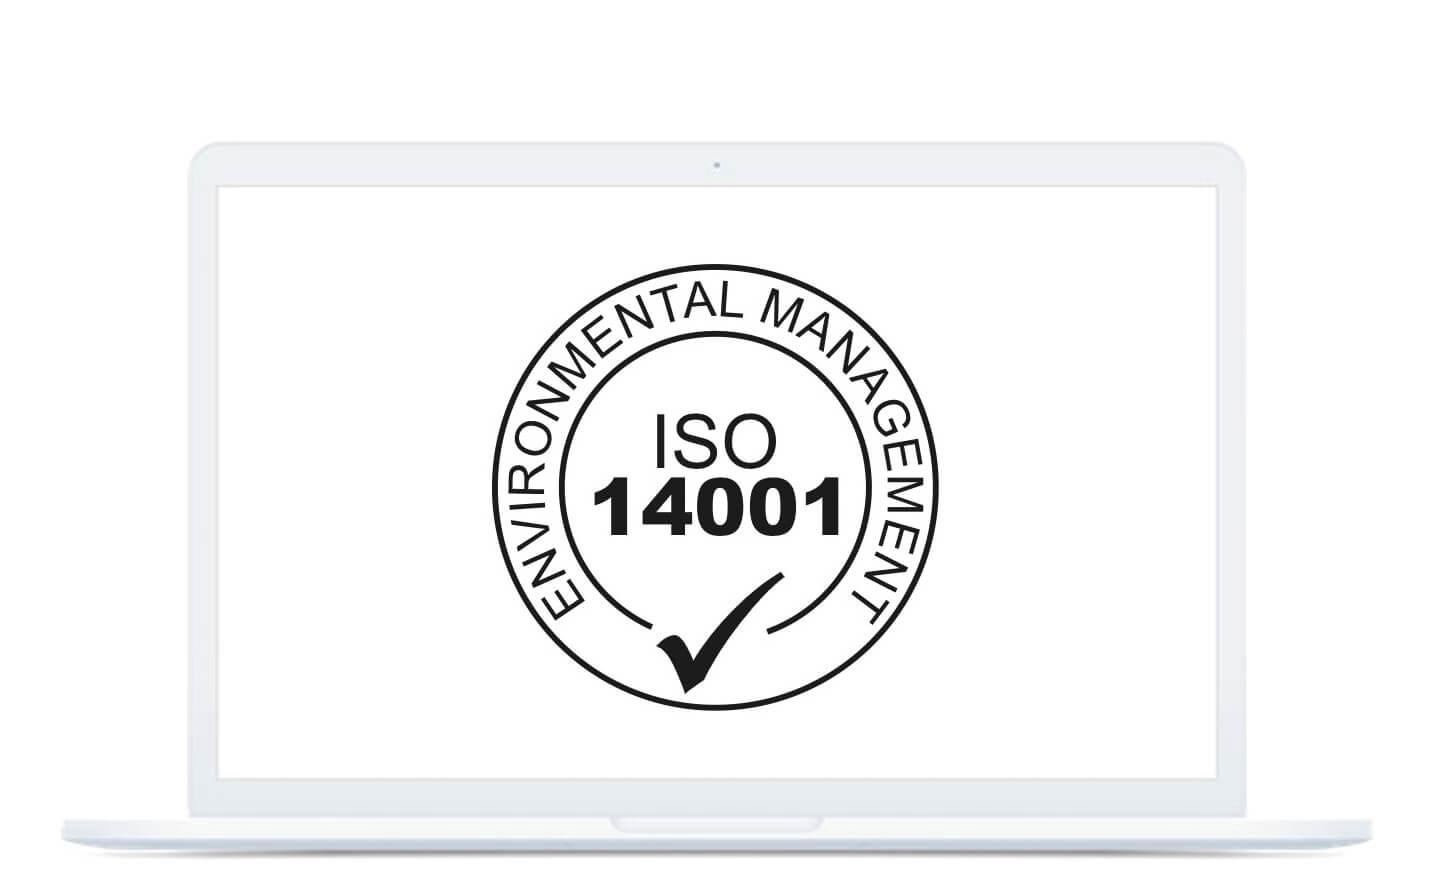 autoSense fleetPro ISO 14001